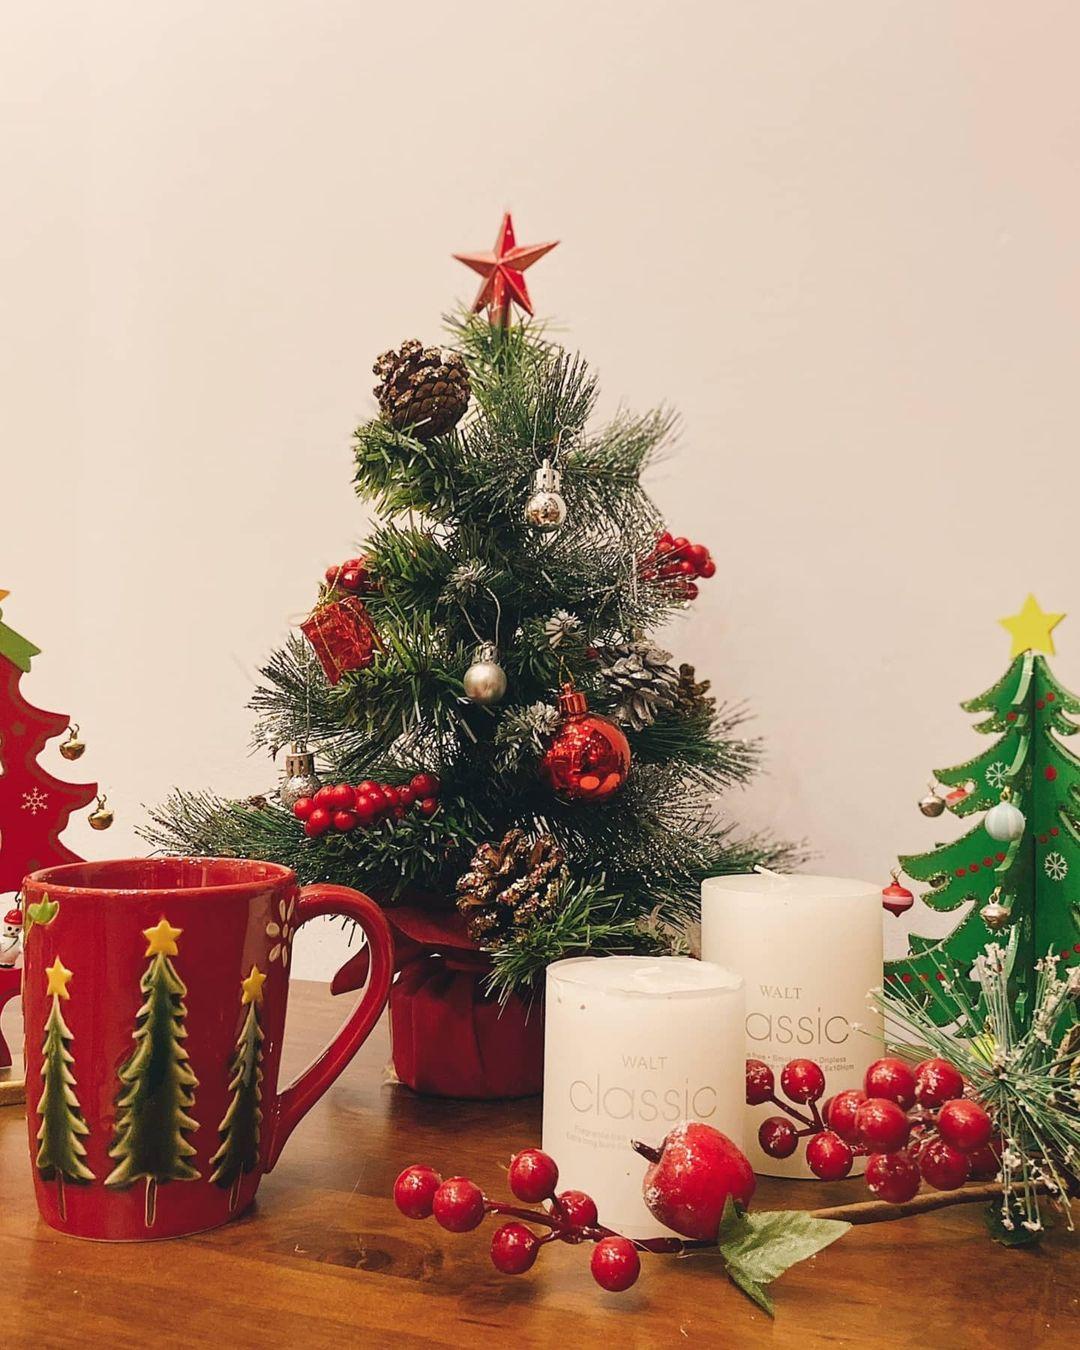 Sắm cây thông giả cho Noel: Hơn trăm nghìn hay tiền triệu đều có, loại nào cũng siêu đẹp - Ảnh 3.